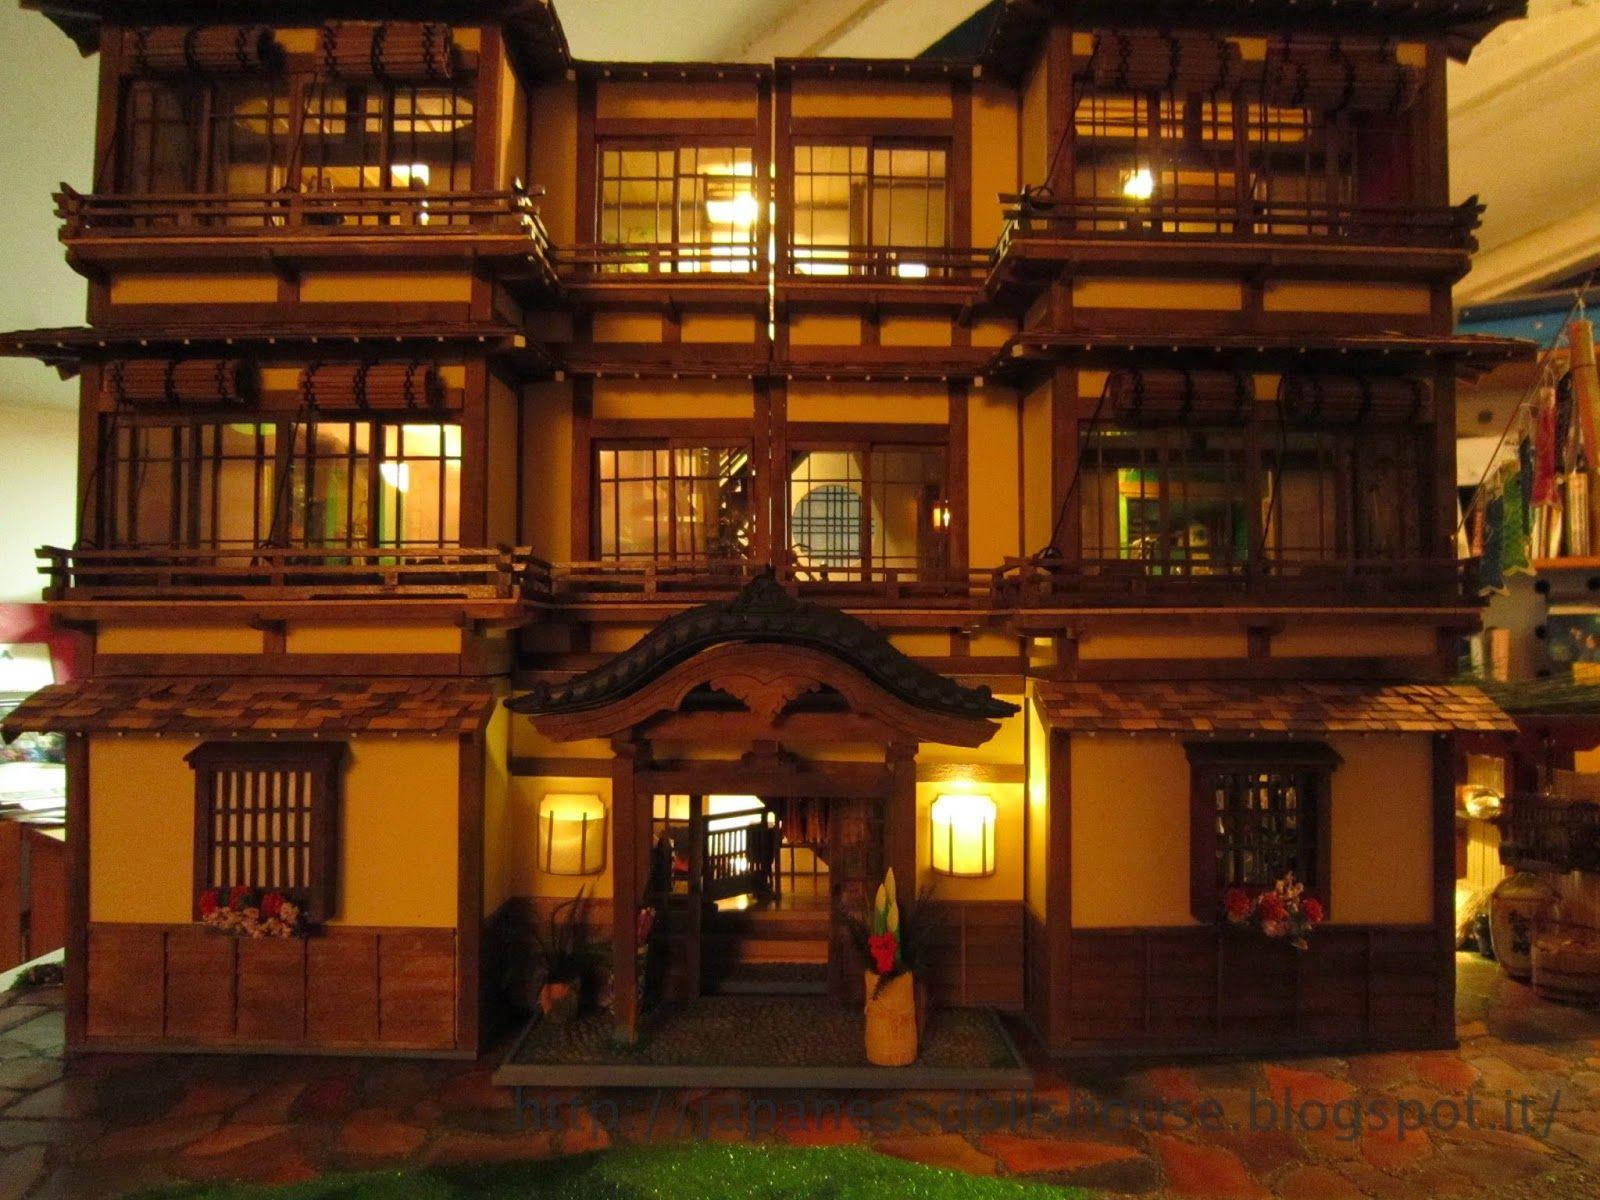 Stile giapponese hobby e casa aprile vedi anche idee arredamento casa with stile giapponese - Casa stile giapponese ...